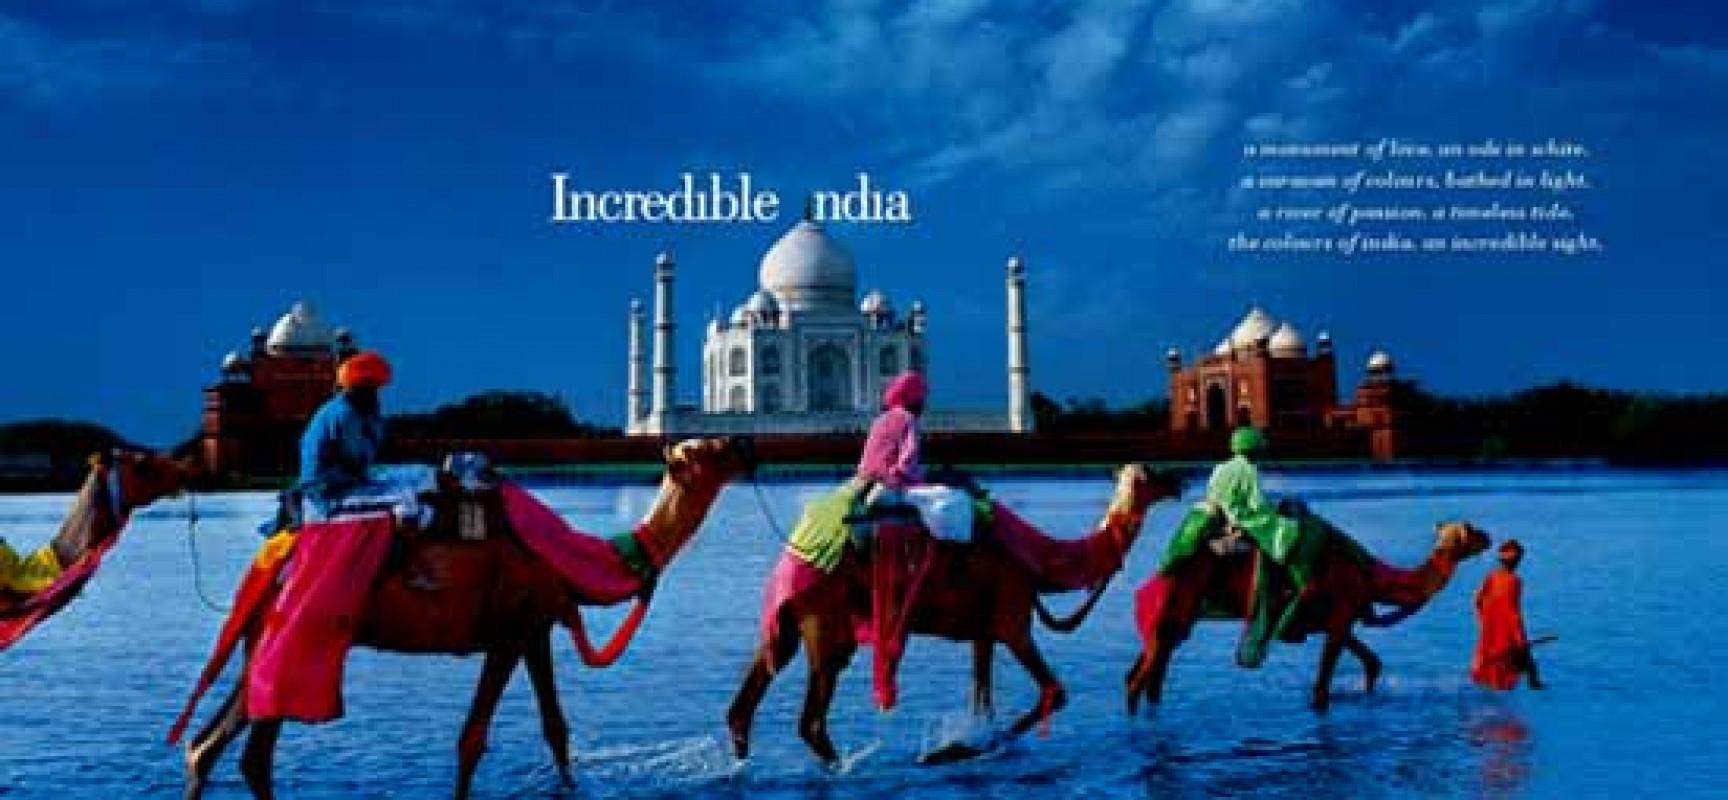 INDIAN CULTURAL DIASPORA AND DIVERSITY